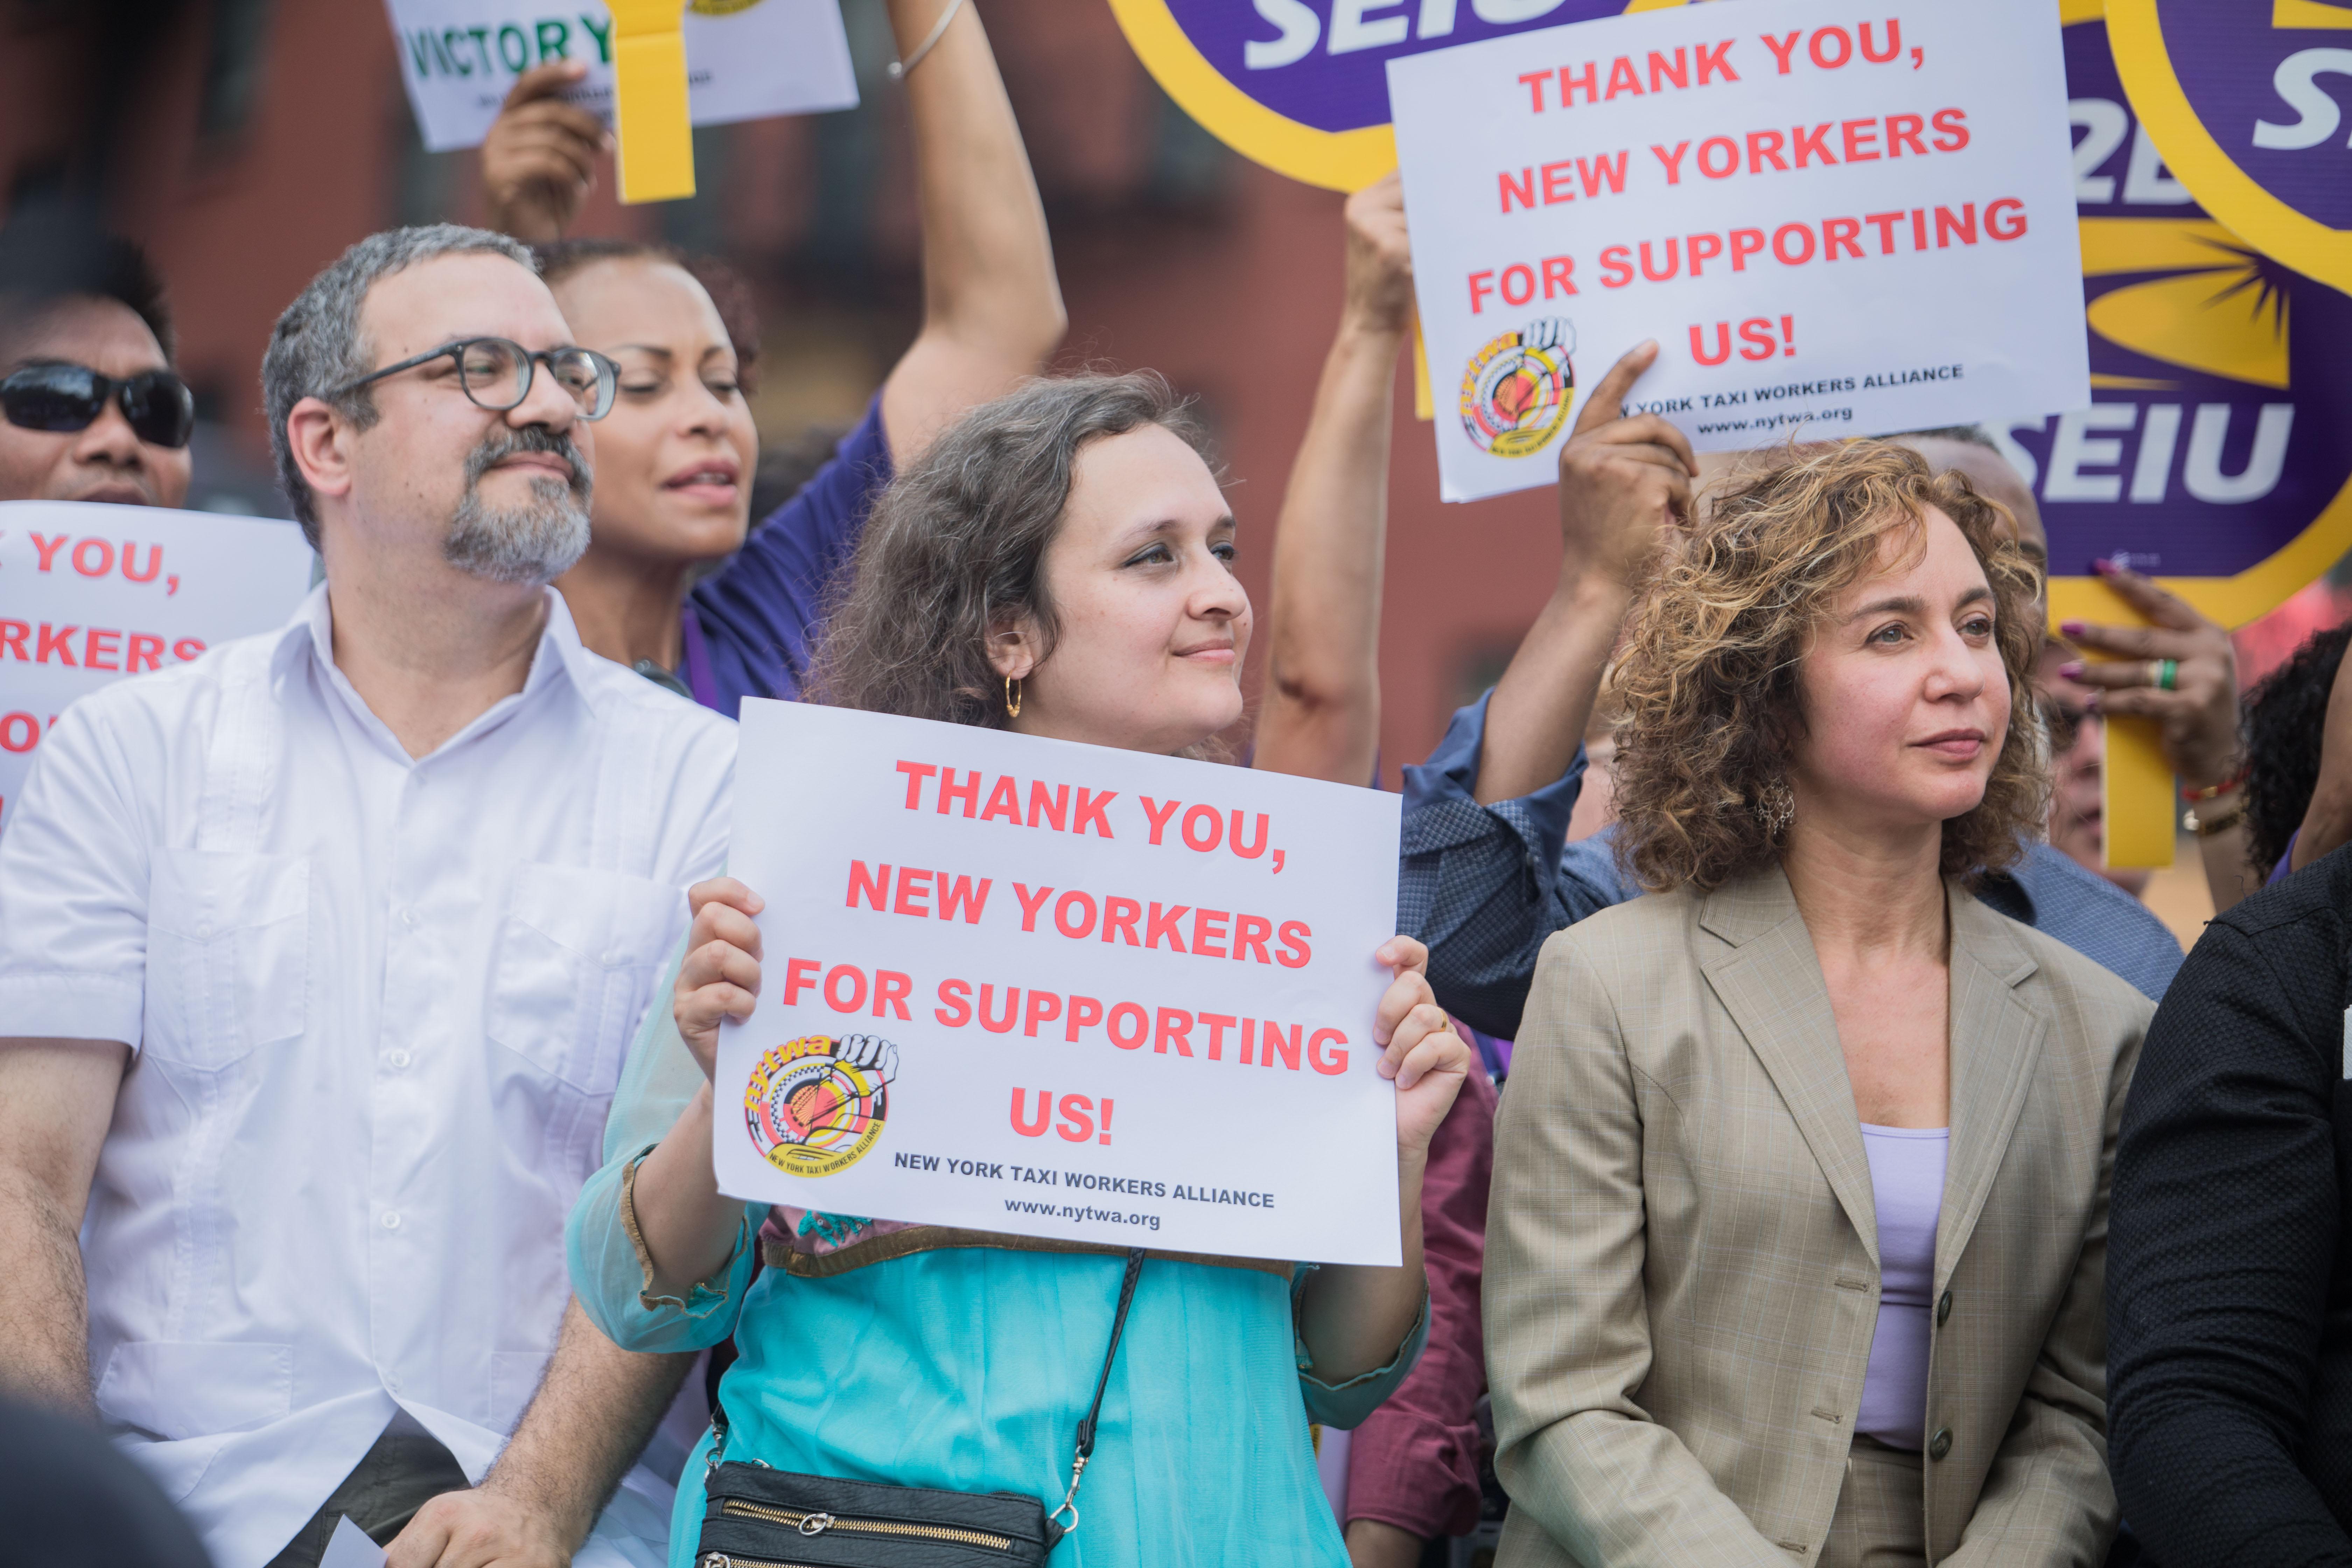 Miembros de la Alianza de trabajadores del Taxi en Nueva York celebraron la medida.